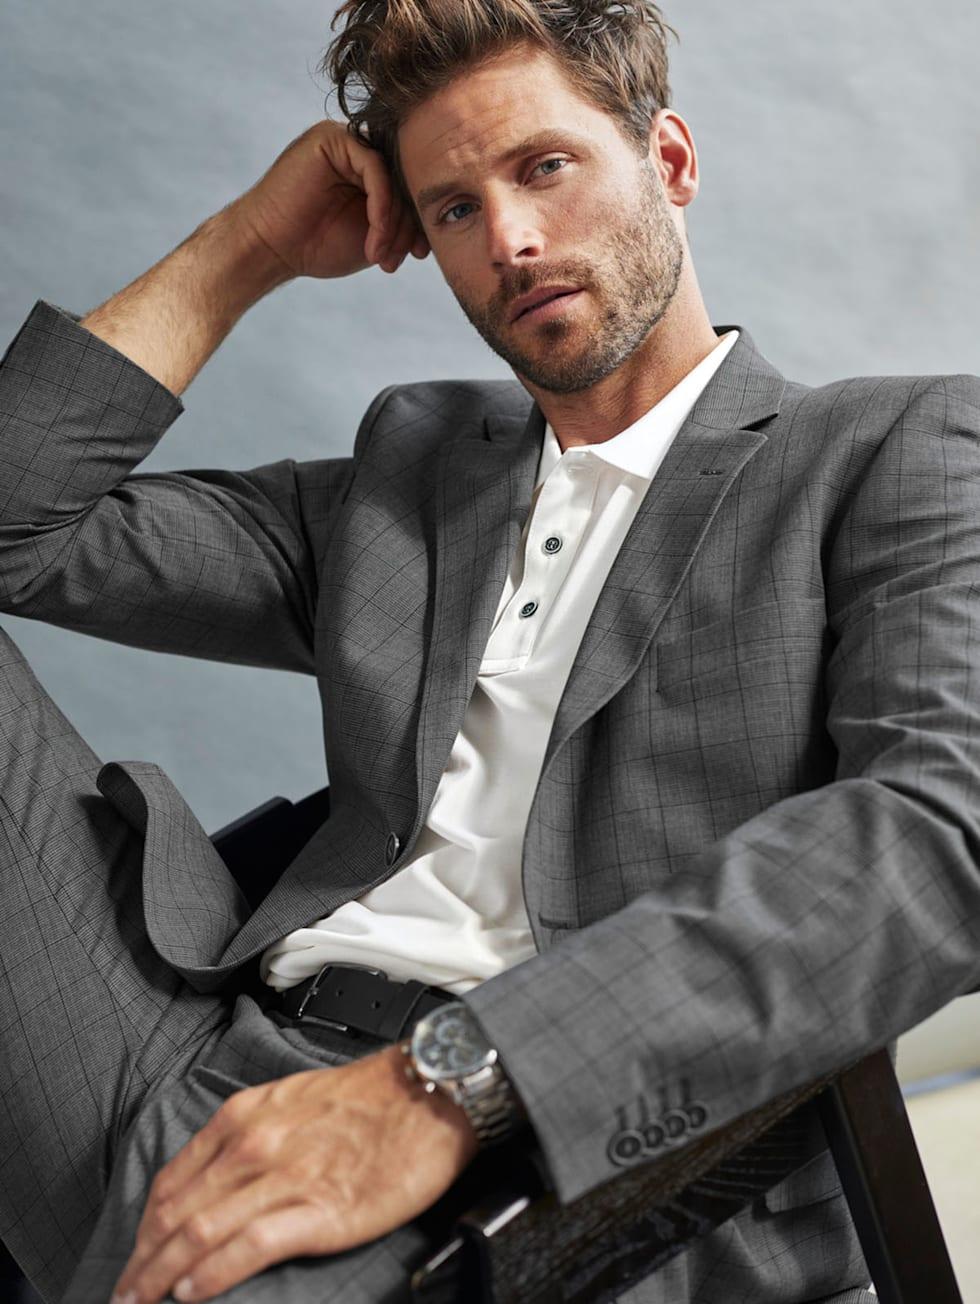 Premium-Outfit: Grauer Baukastenanzug kombiniert mit einem weißen Poloshirt